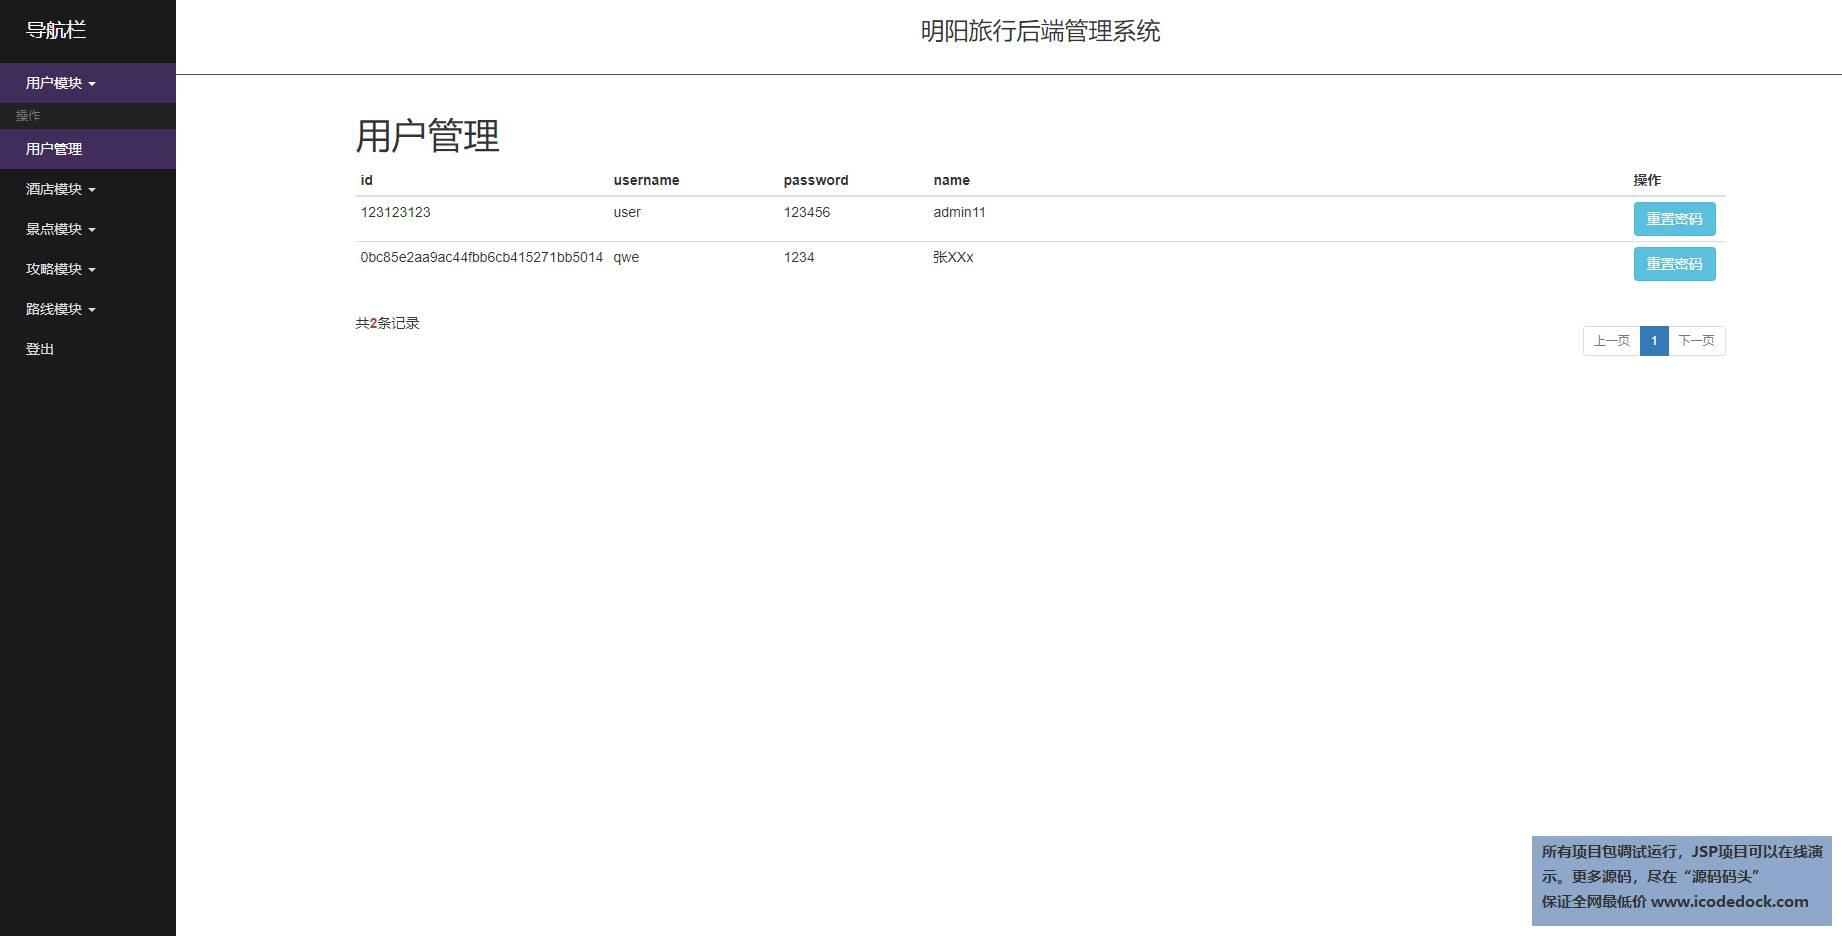 源码码头-SpringBoot旅游综合服务平台-管理员角色-用户管理